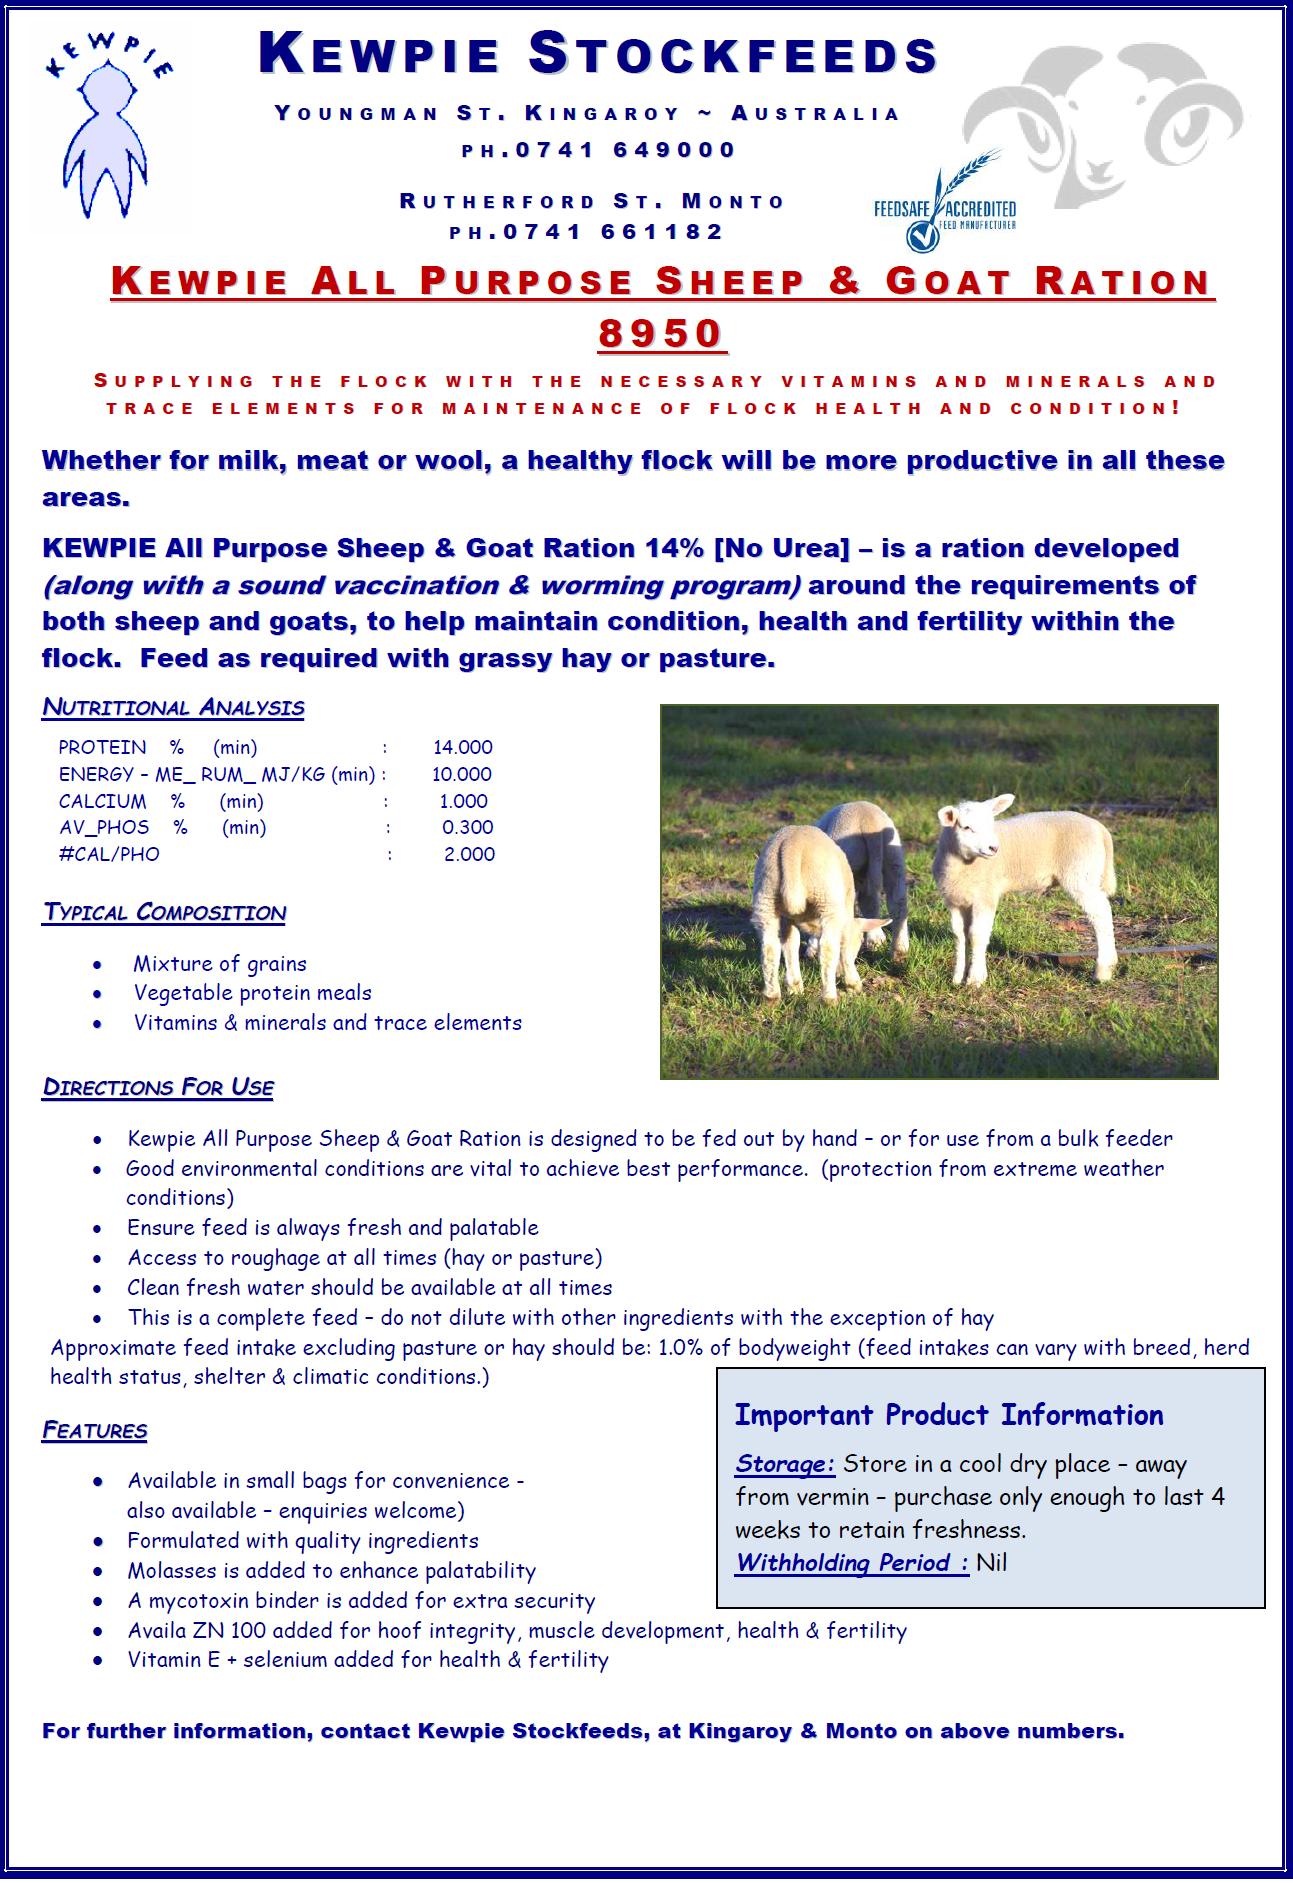 Kewpie 8950 A-P Sheep & Goat